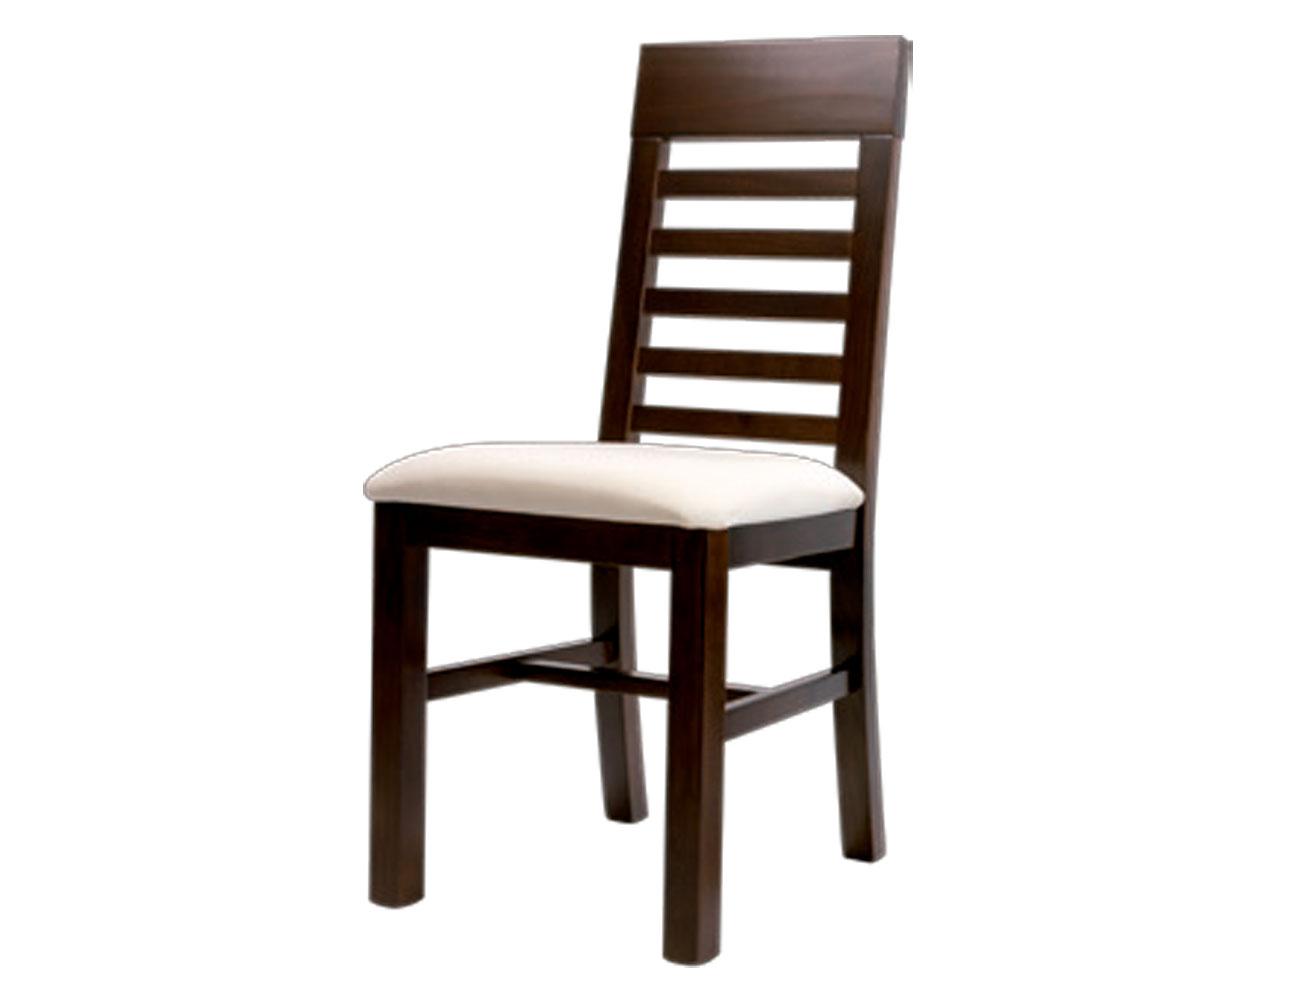 C0 54 silla madera3